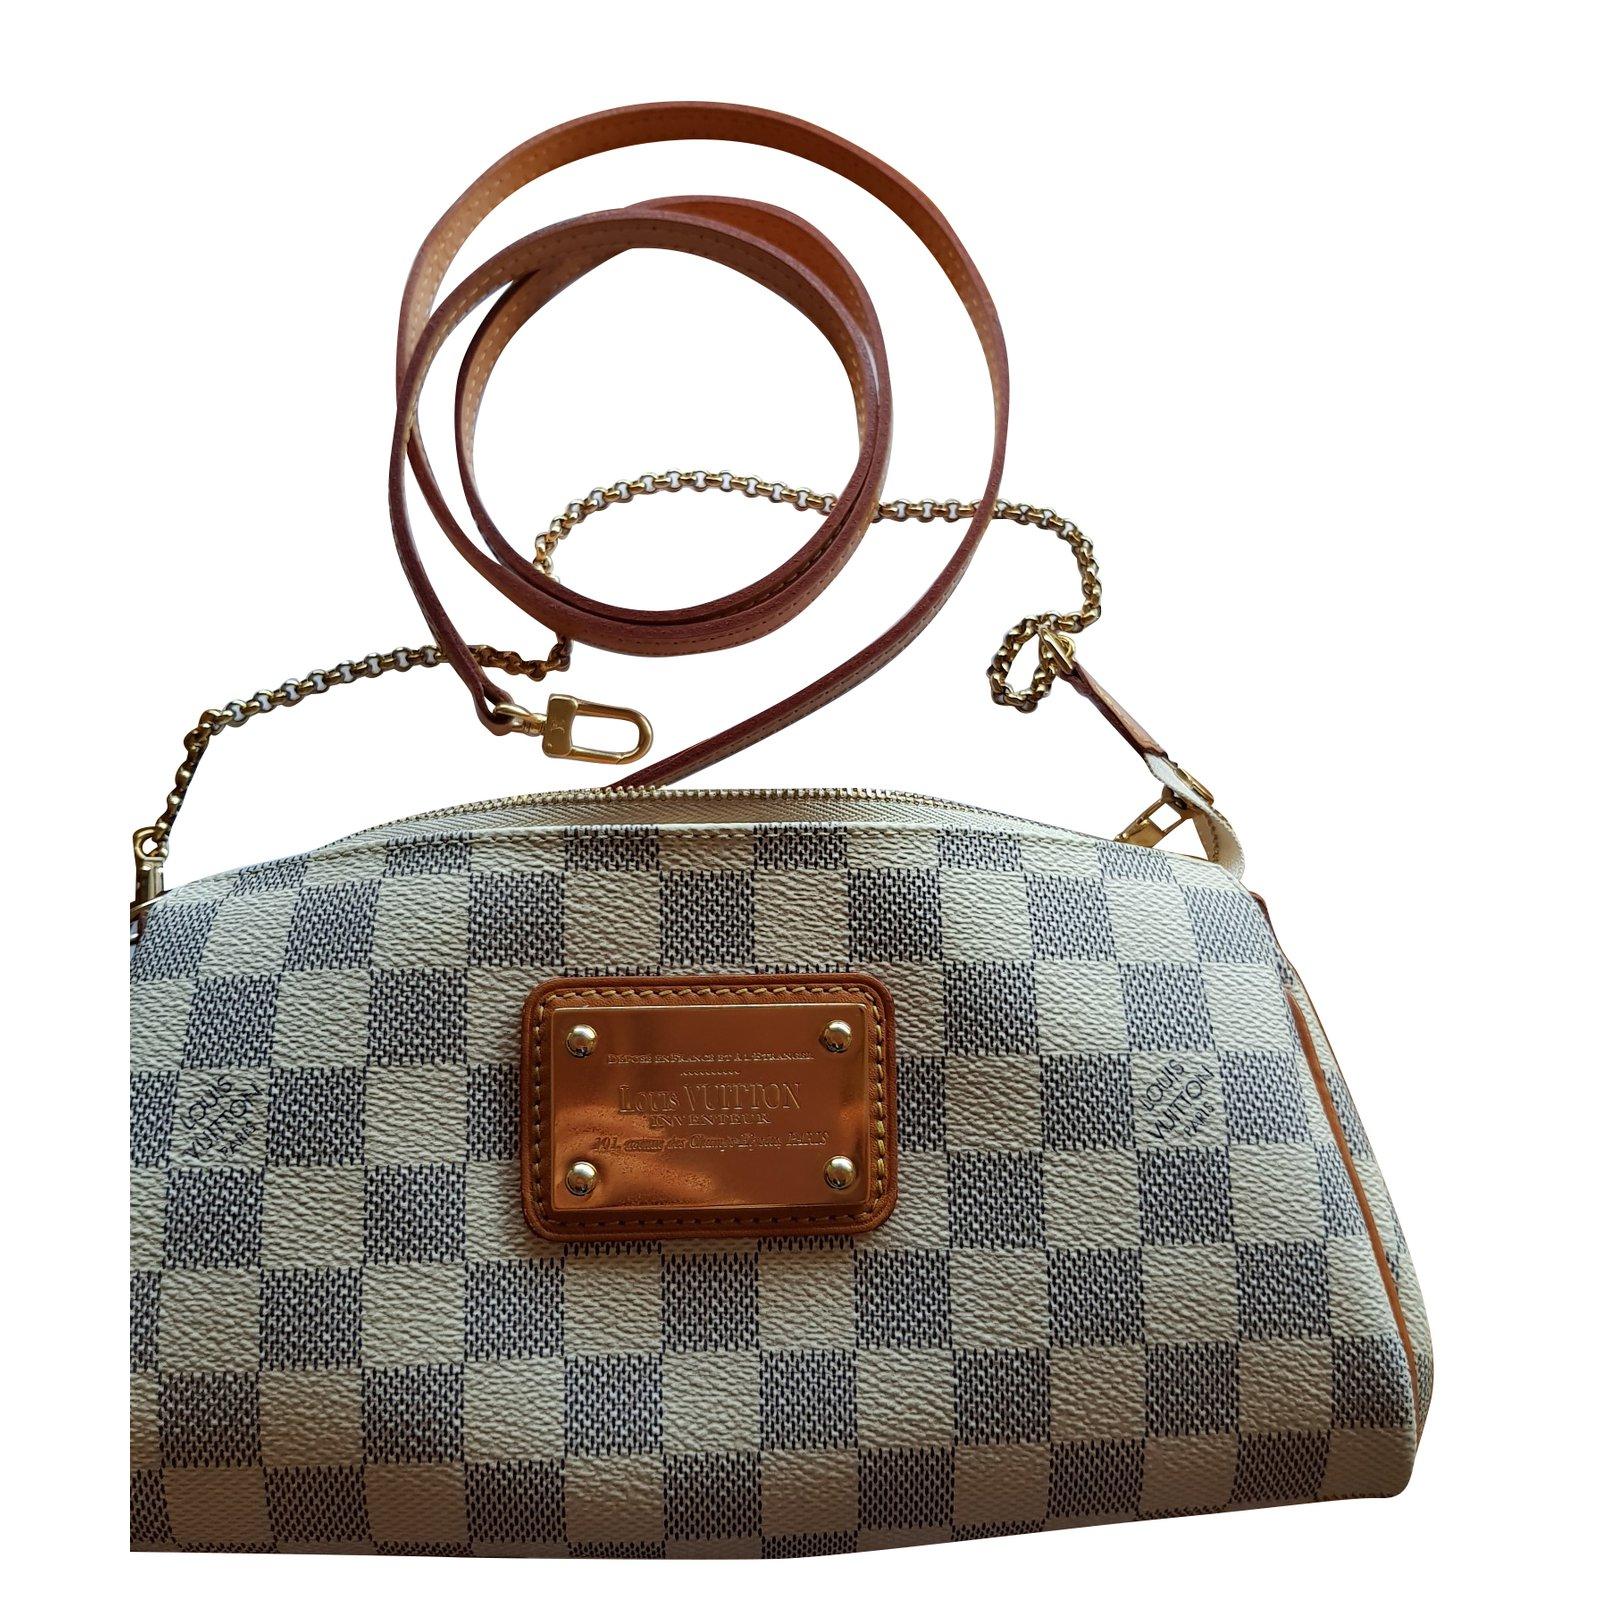 e6e3ac0e405f ... Louis Vuitton Eva Handbags Leather Cloth Beige ref 71537 Joli Closet